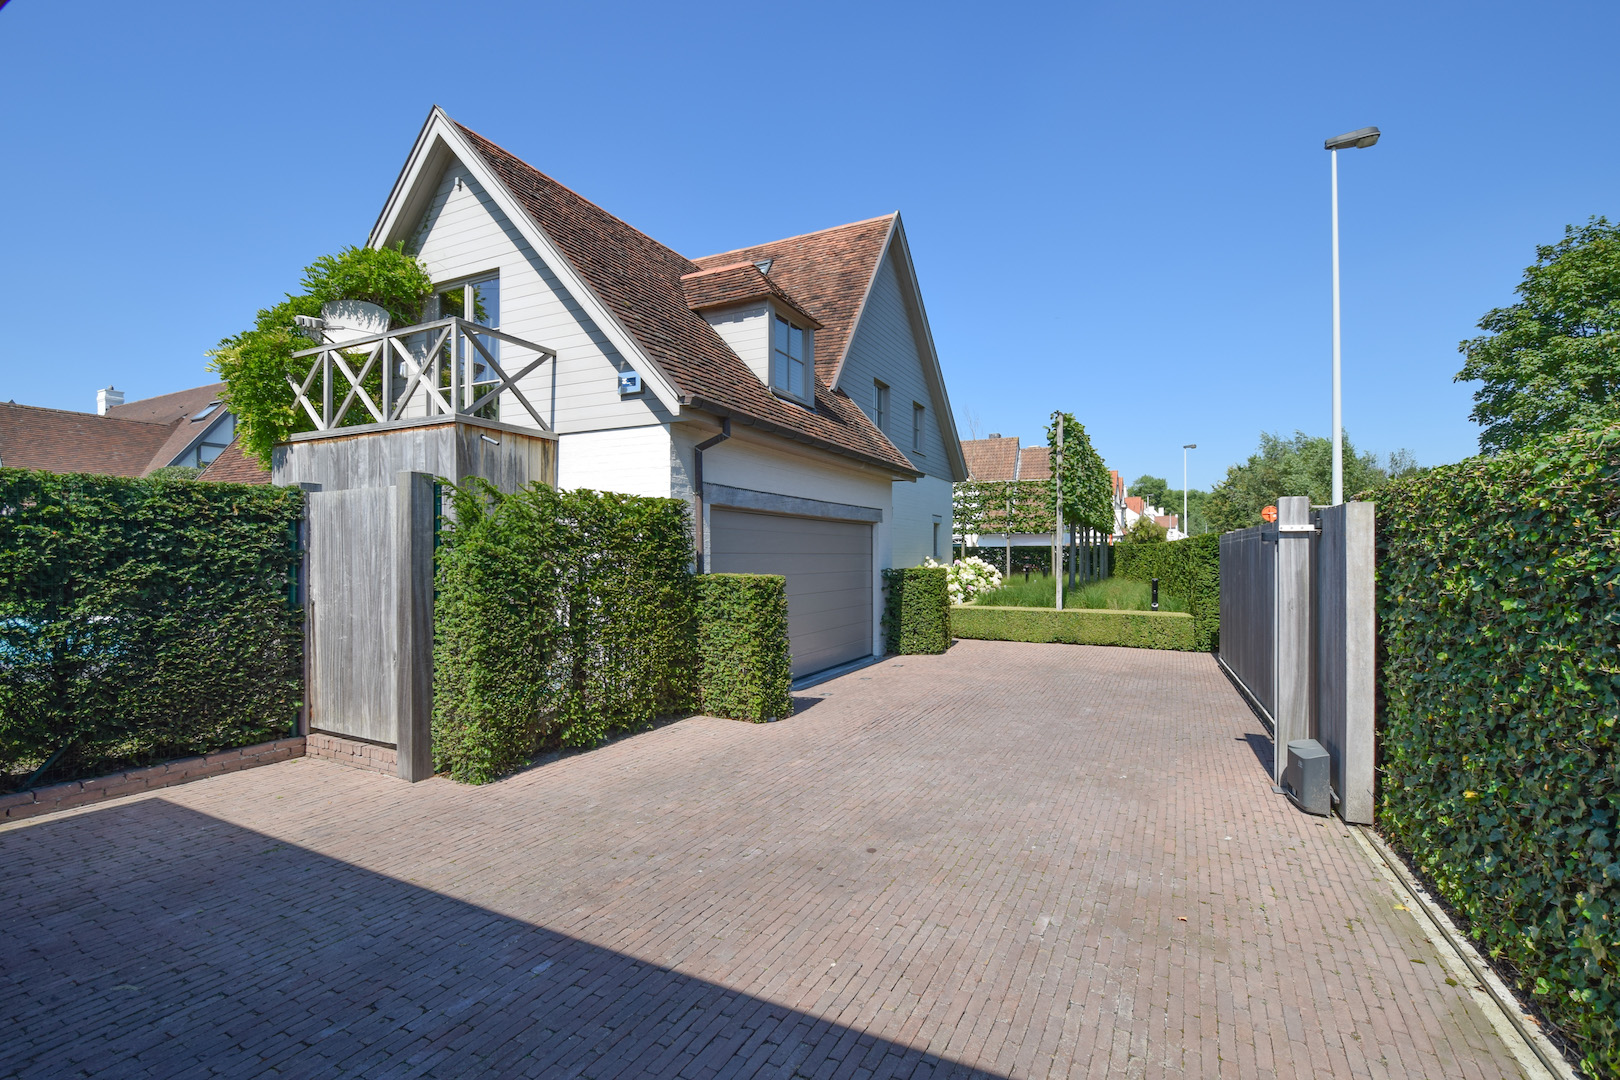 Vente Villa 5 CH Knokke-Zoute - villa individuelle / près de la Place Oosthoek